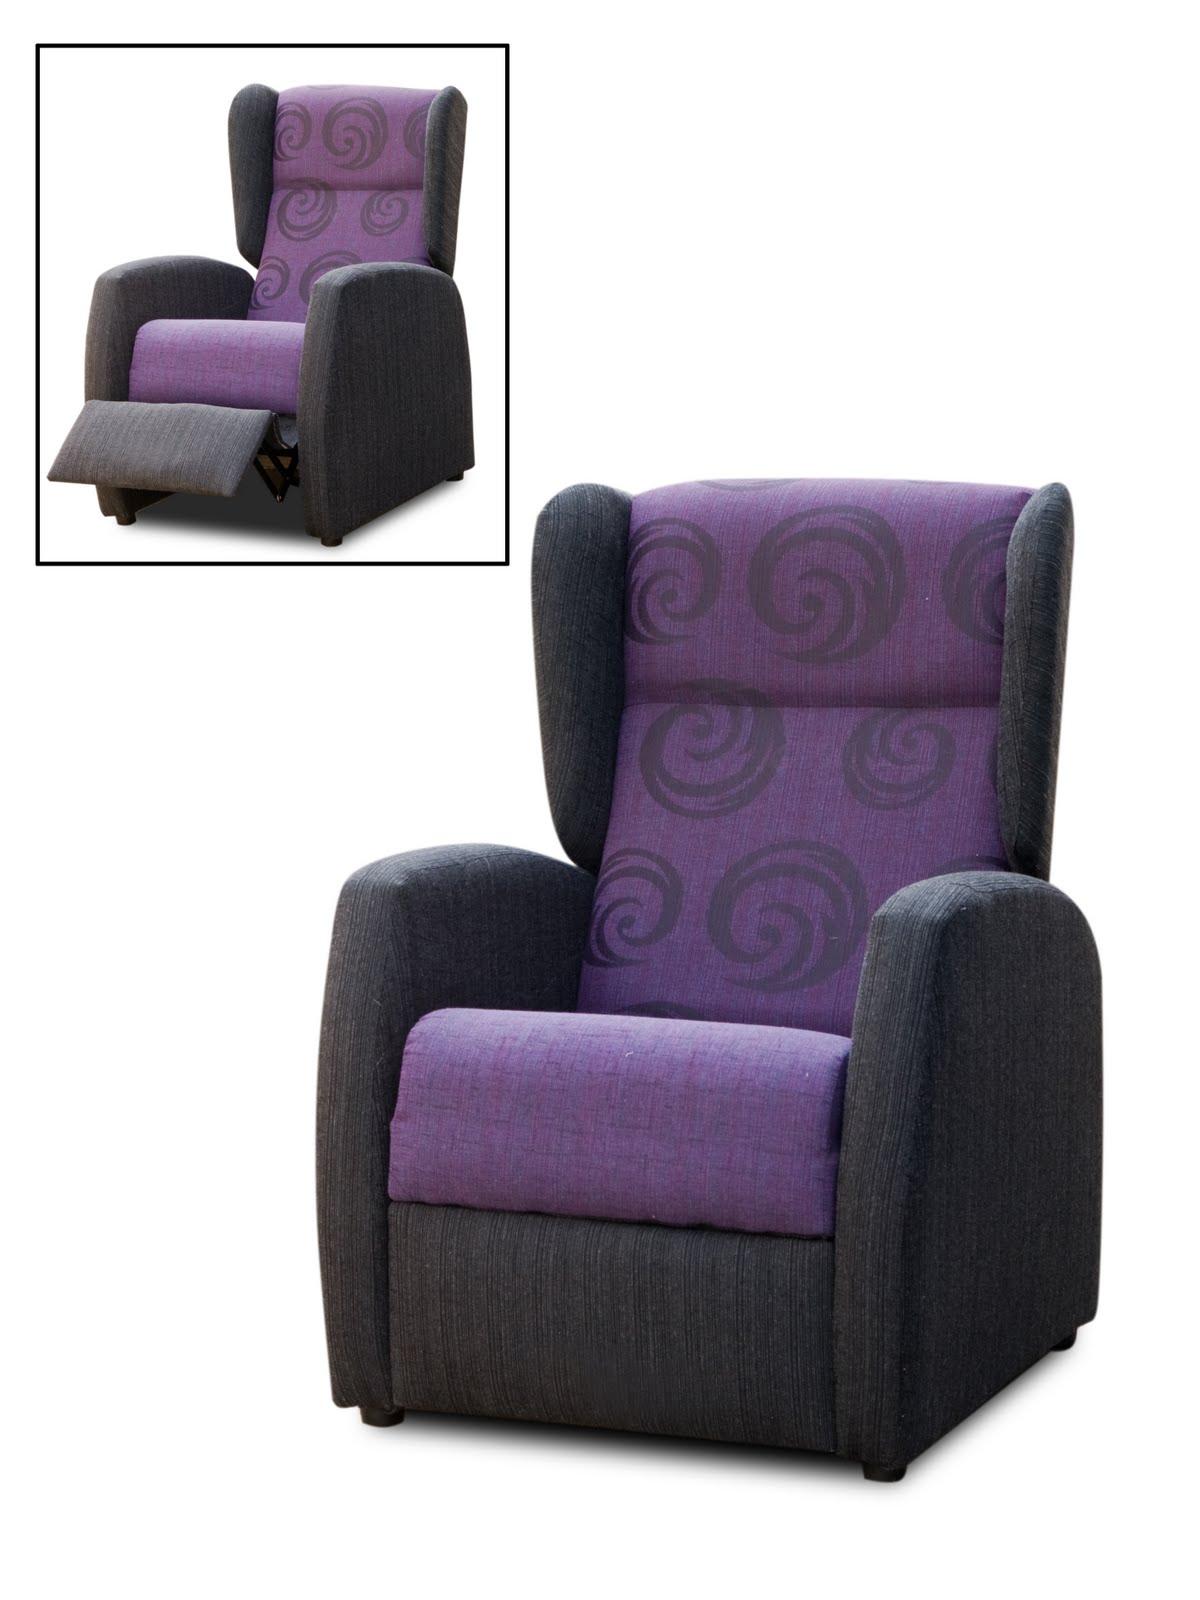 Muebles al mejor precio sillones relax al mejor precio for Muebles y sillones